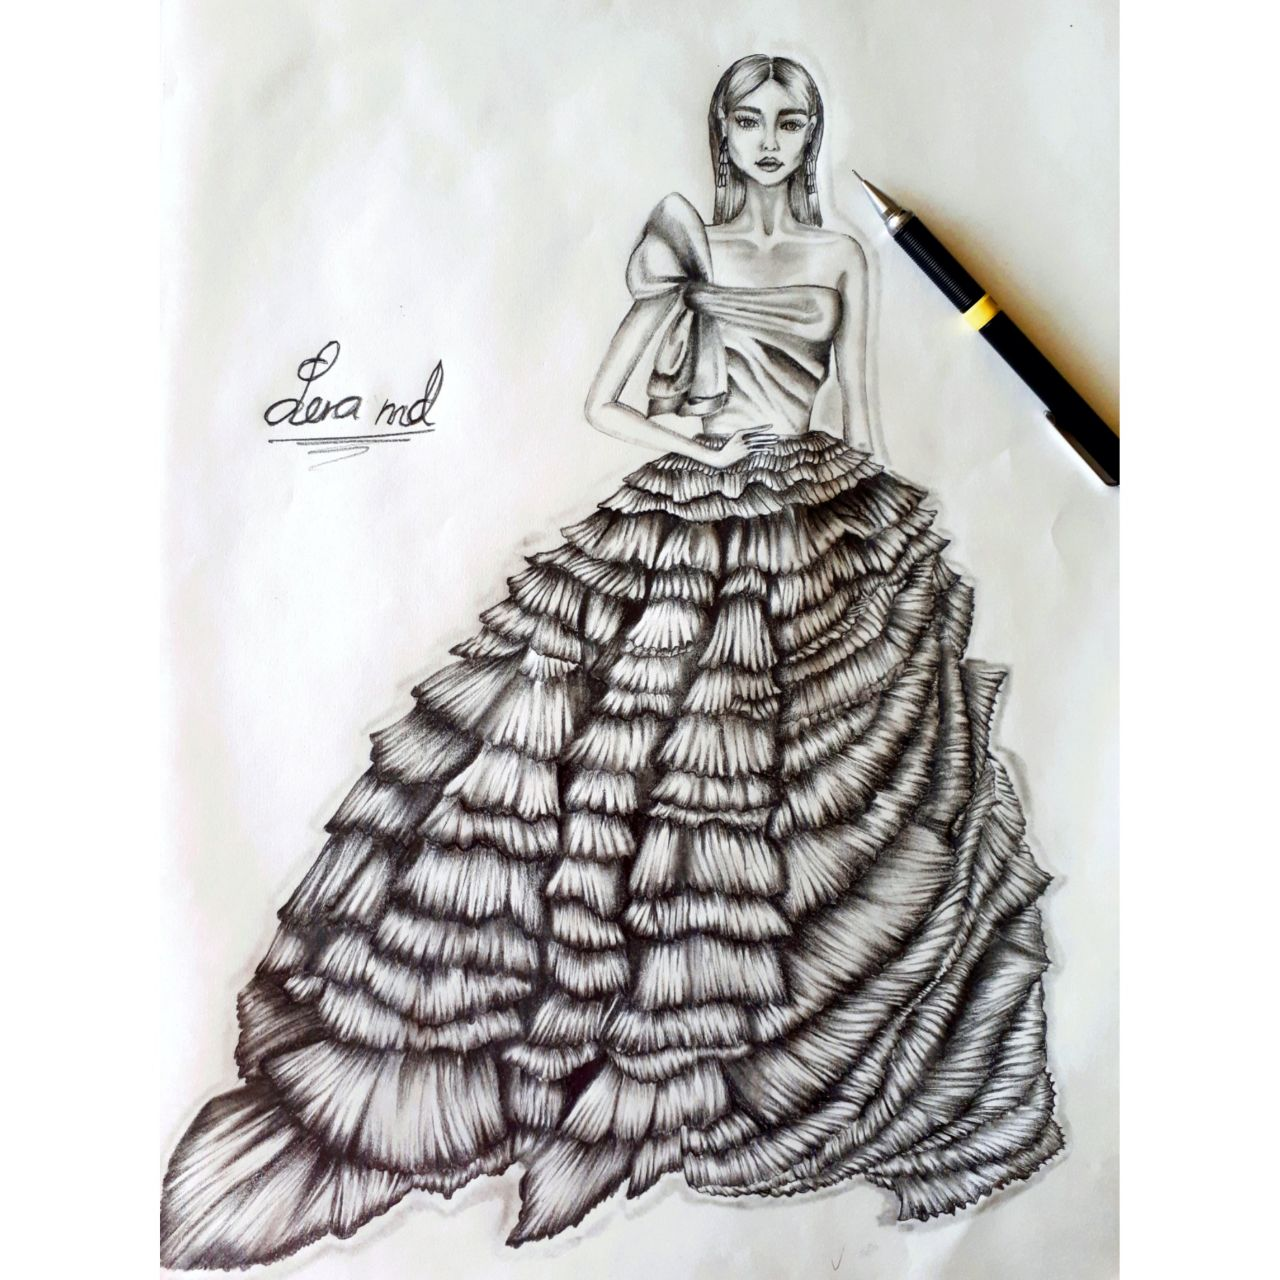 آموزشگاه پیشکسوتان - محدثه کریمی -مکز آموزش طراحی لباس